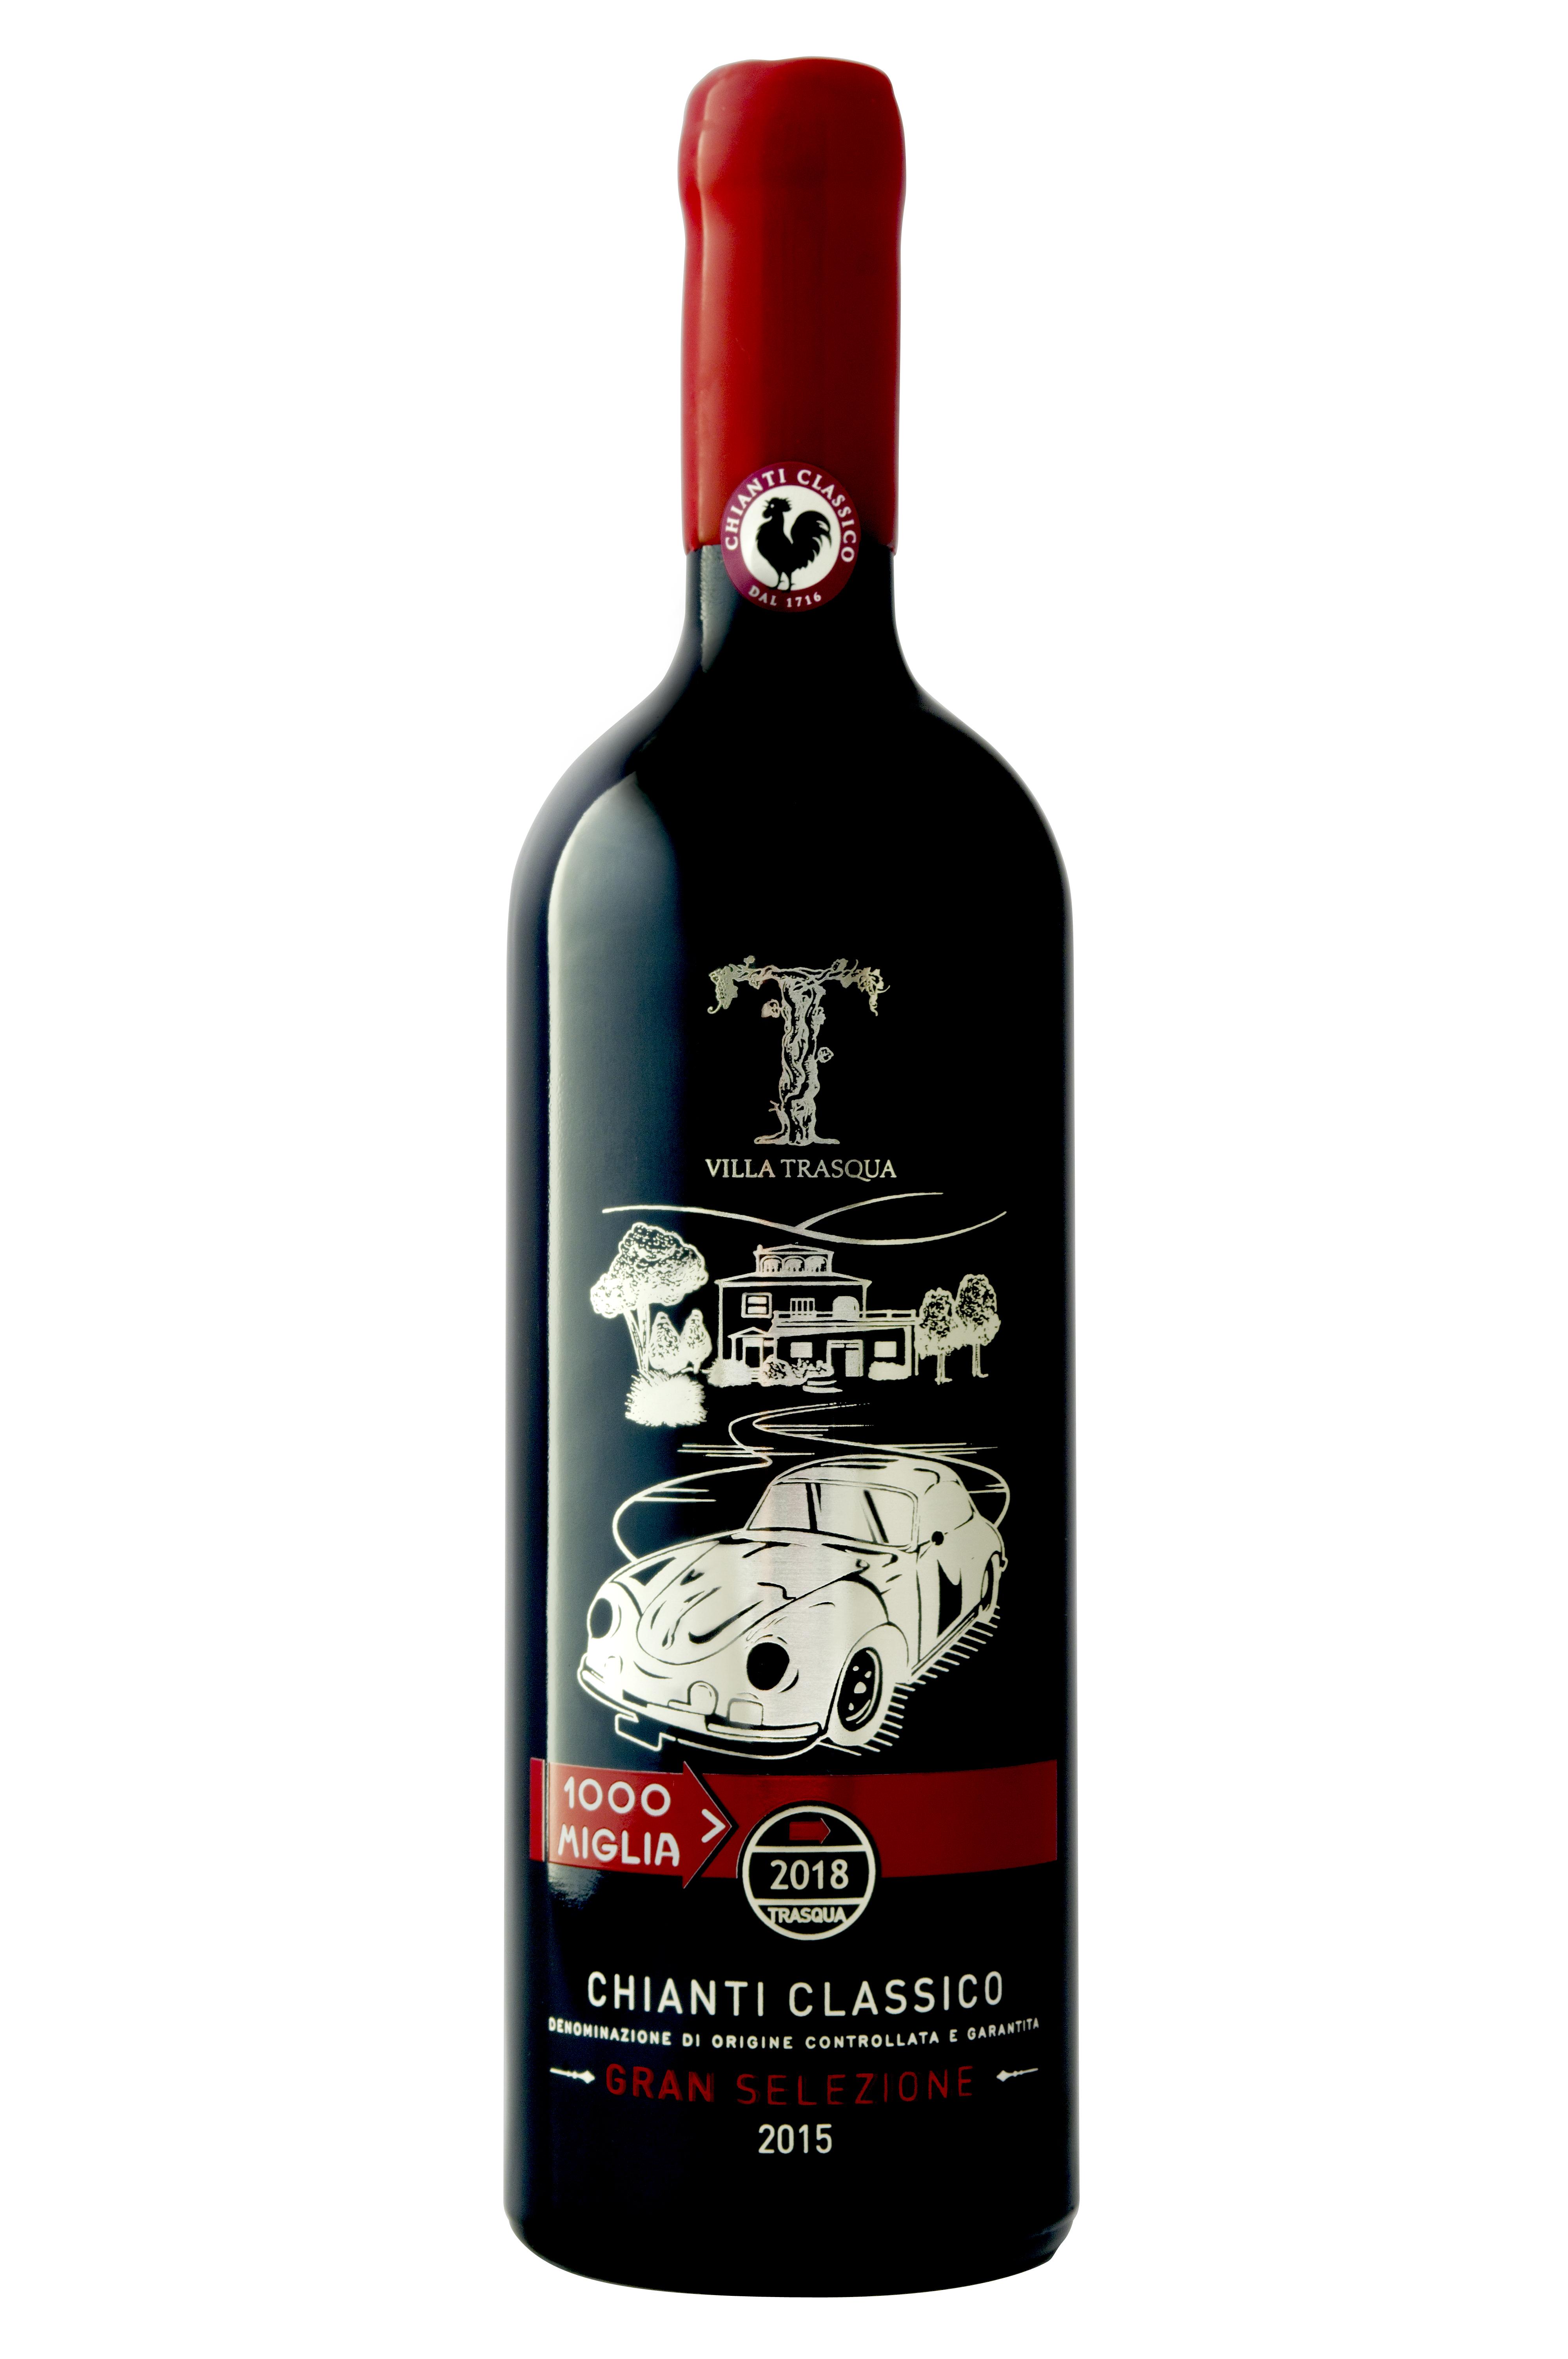 Villa Trasqua Chianti Classico Gran Selezione Magnum Porsche